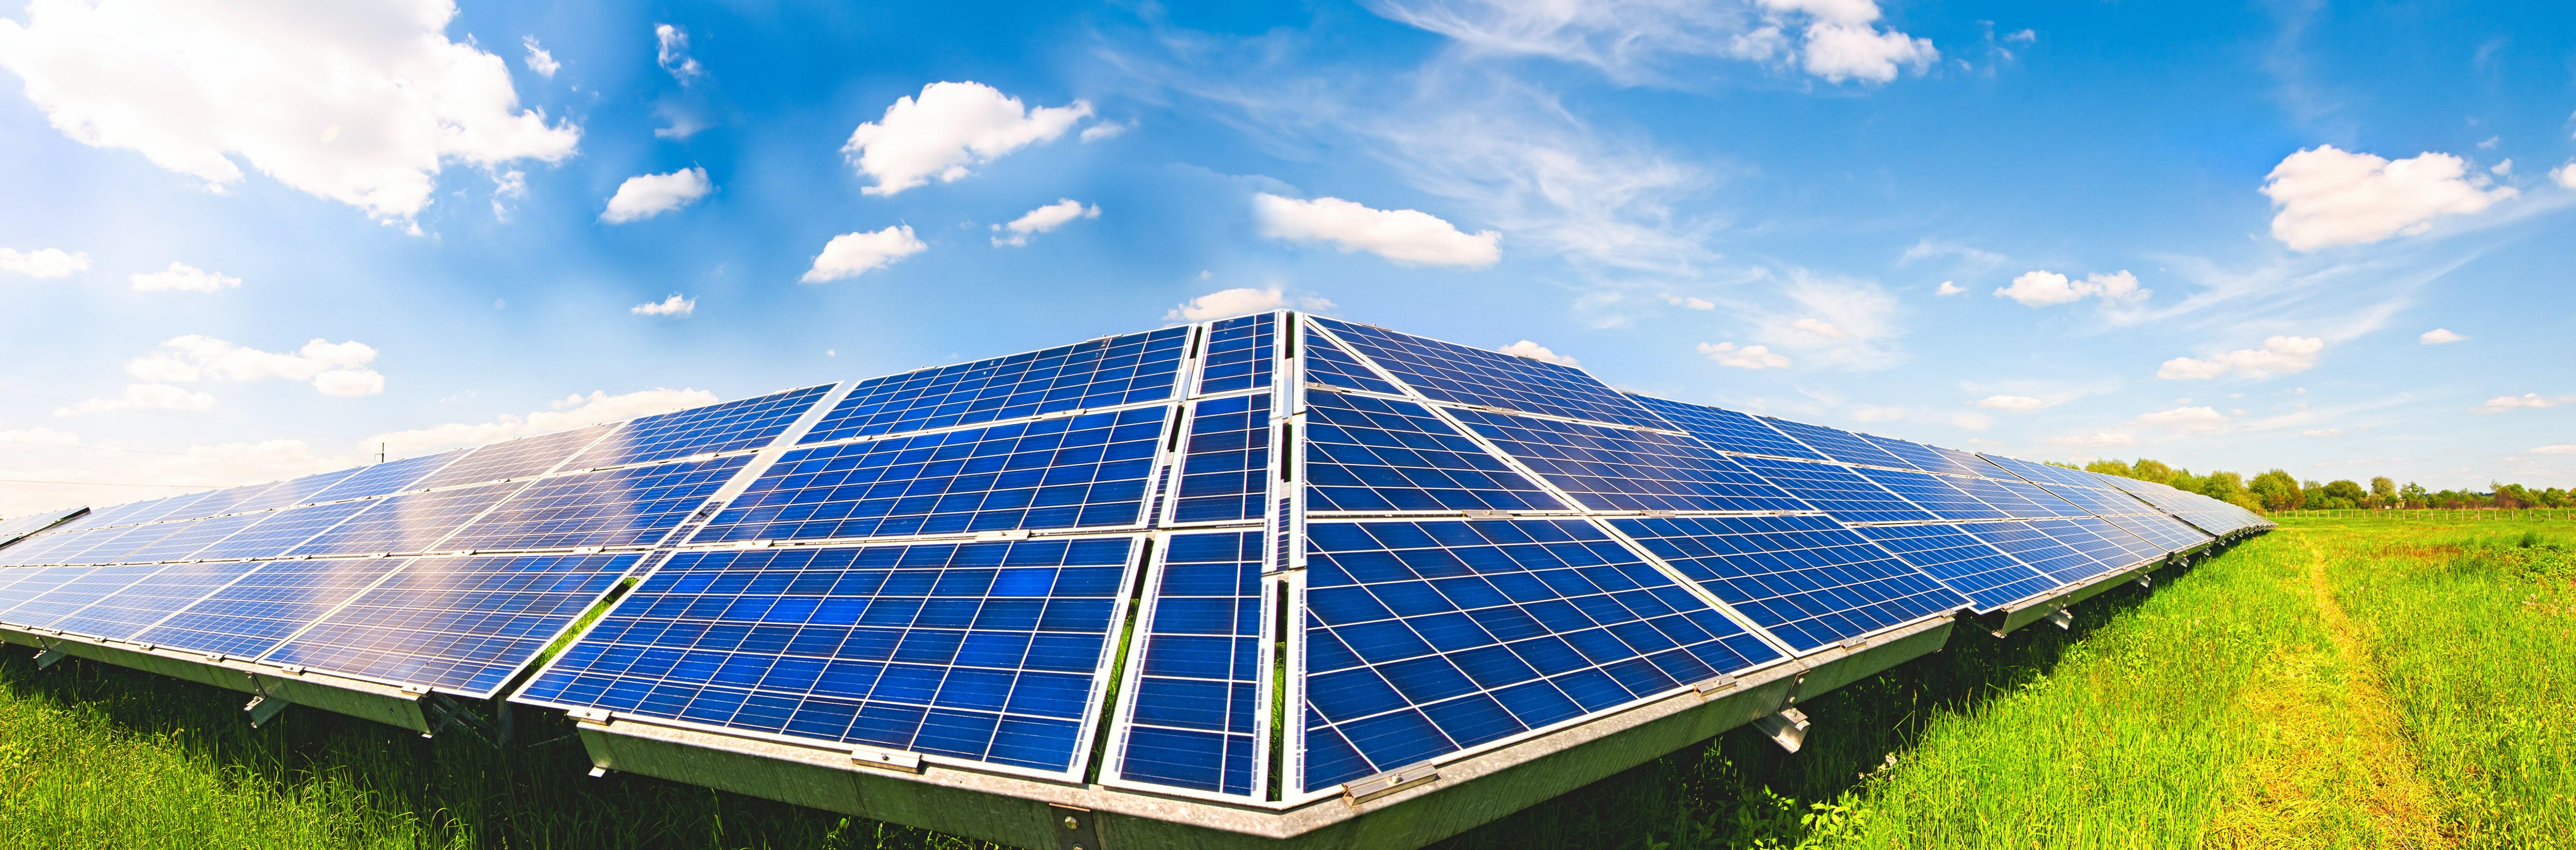 Sfruttare le fonti rinnovabili con il fotovoltaico